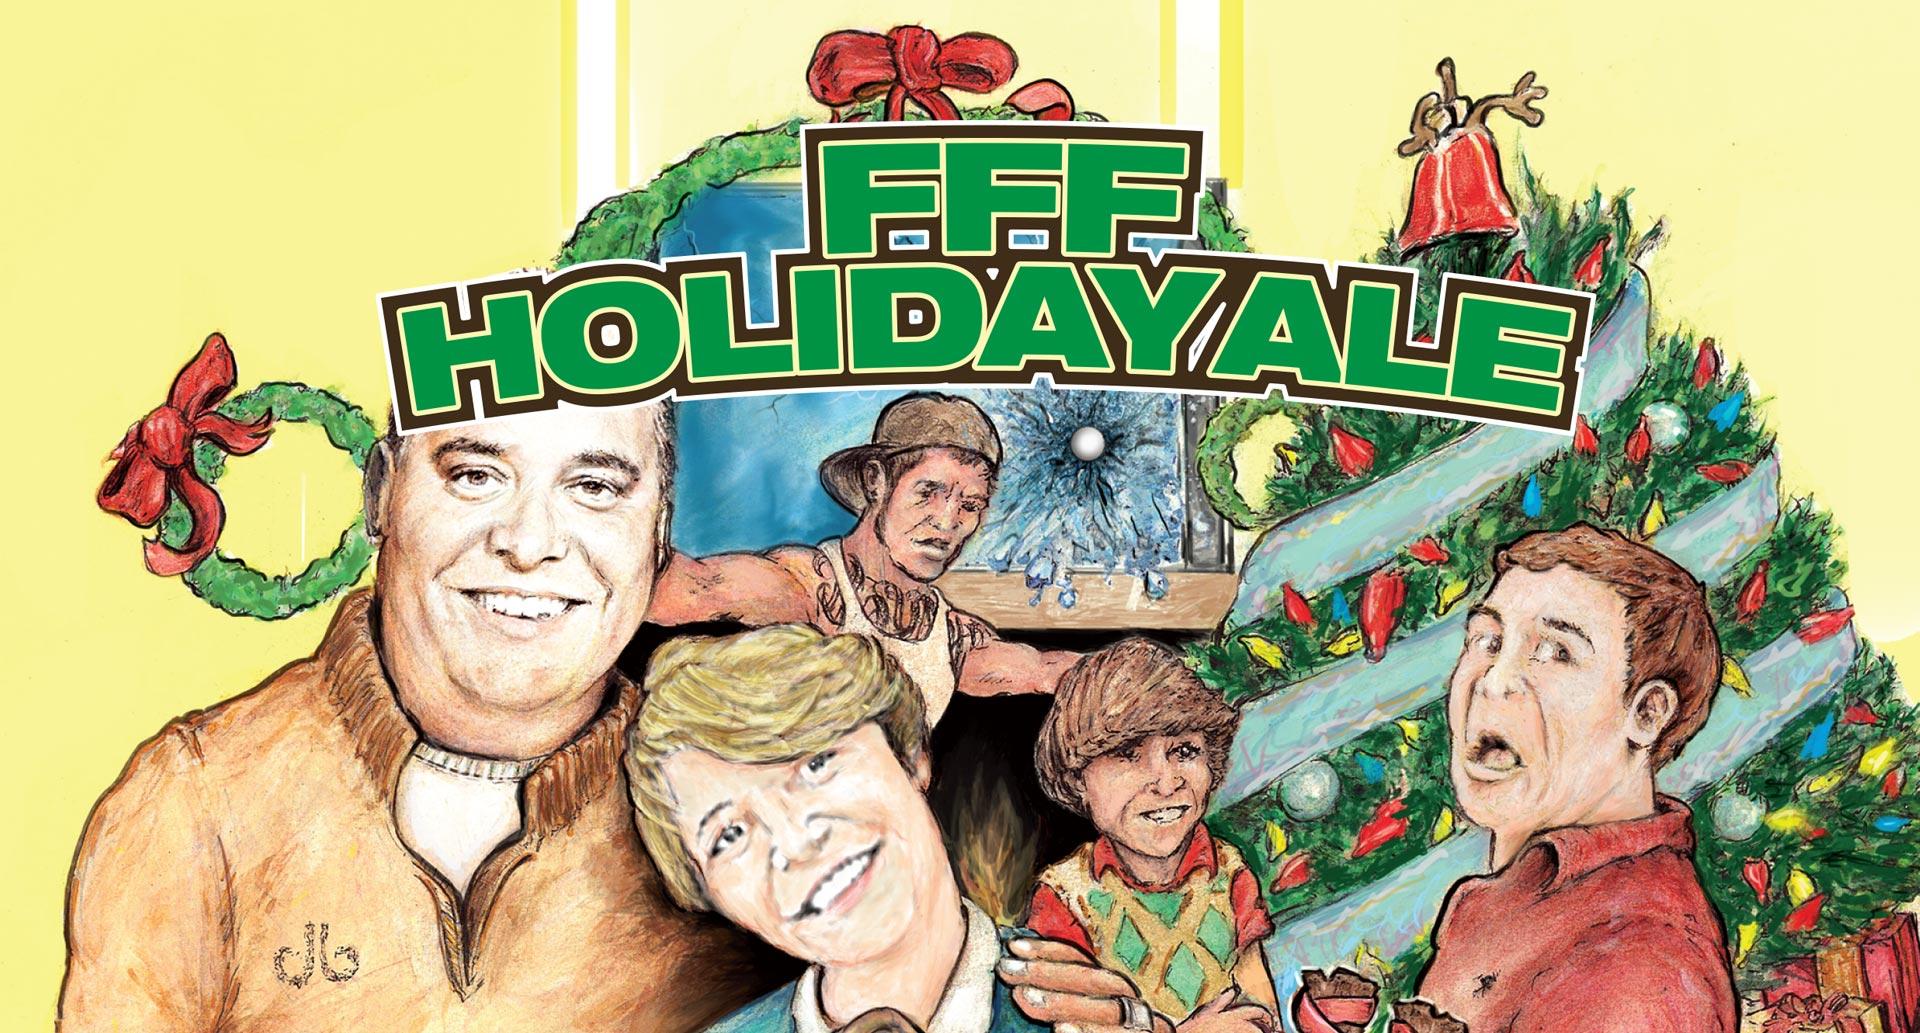 FFF Holiday Ale